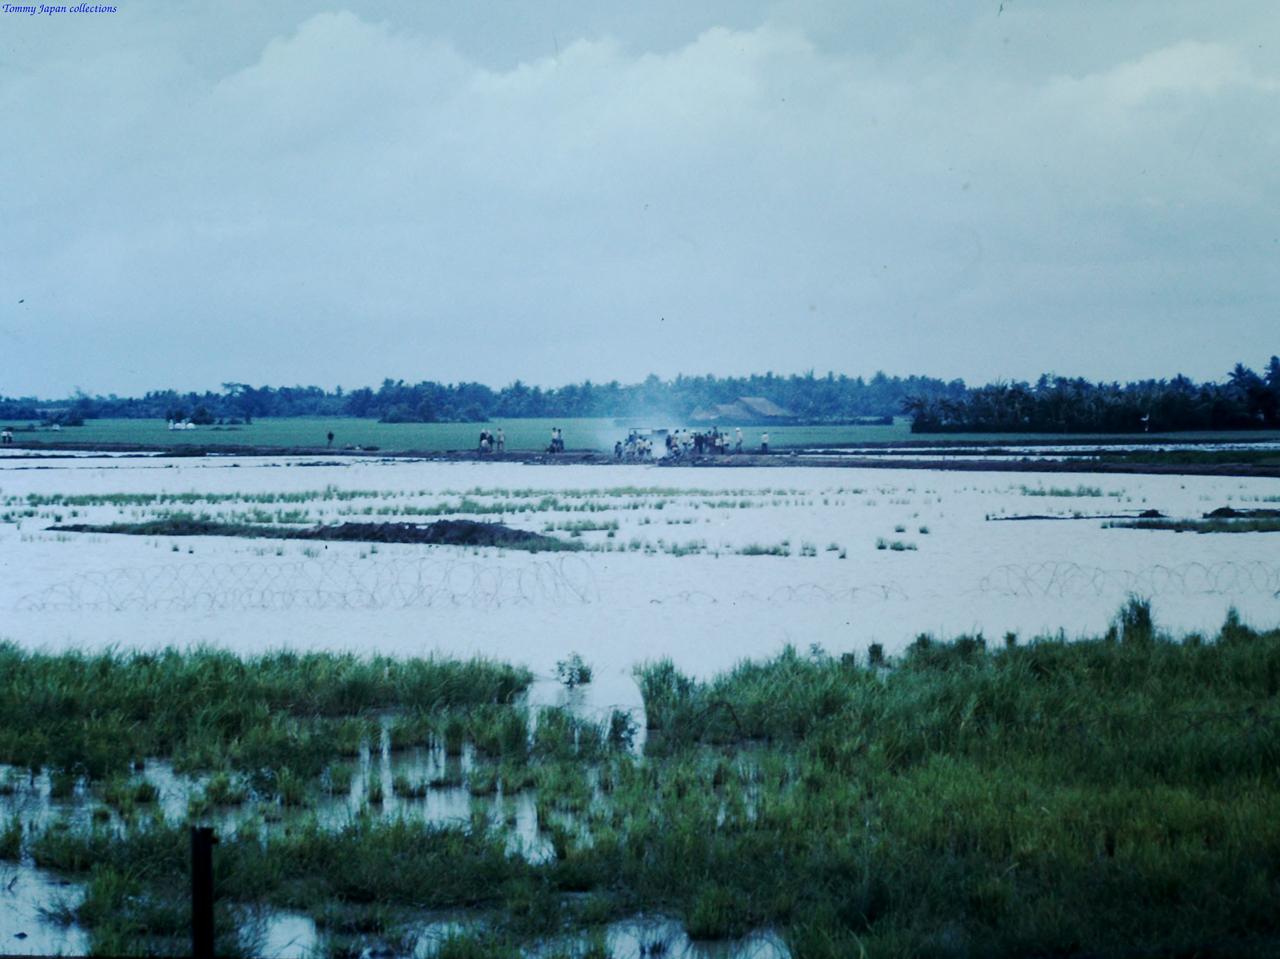 Những cánh đồng lúa xung quanh Bình Phước Base Camp tháng 8 năm 1967 | Photo by Fletcher Clyde